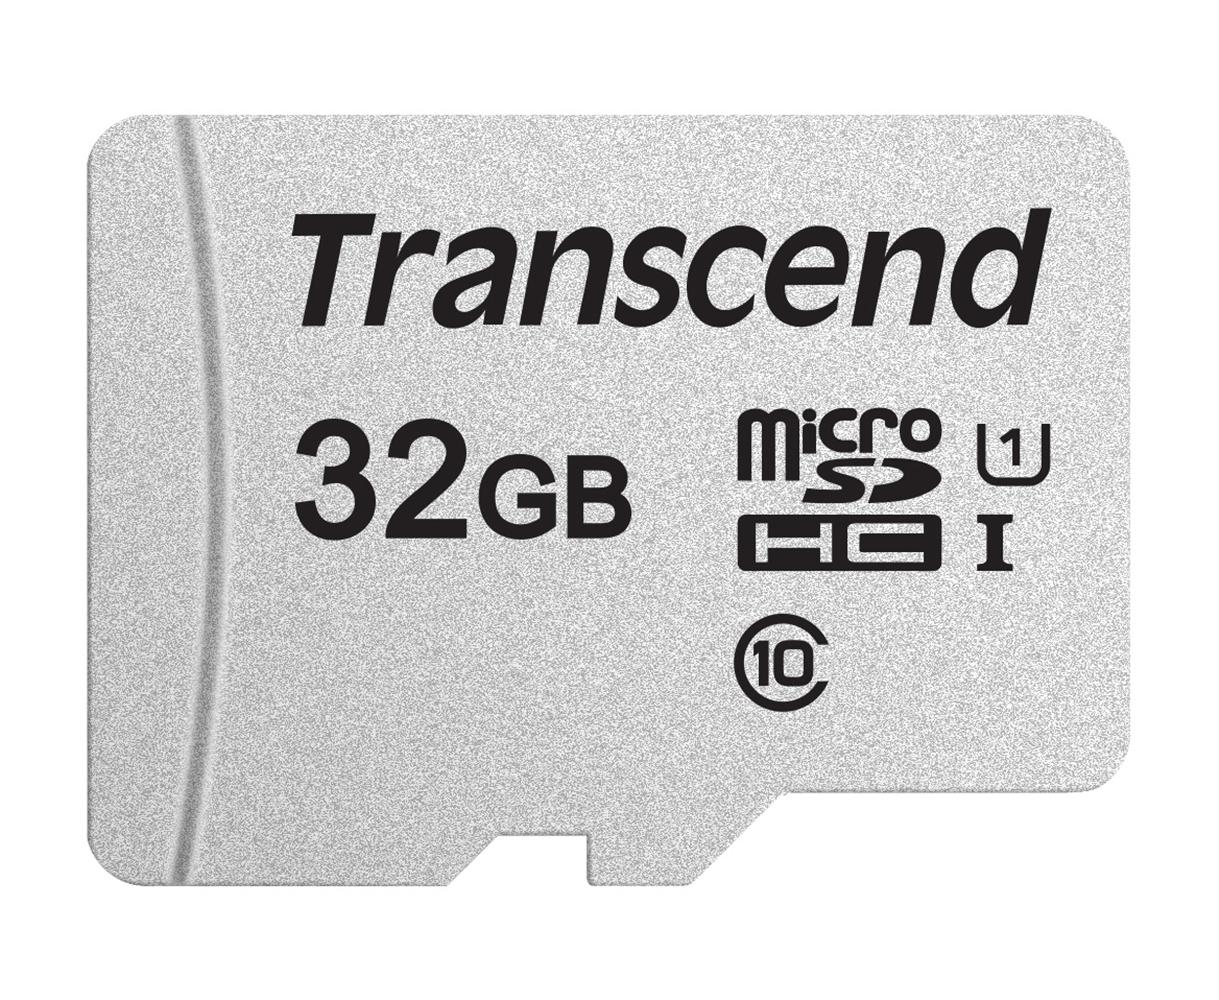 【正規国内販売代理店】トランセンド 32GB UHS-I U1 microSDHCカード(変換アダプターなし) TS32GUSD300S